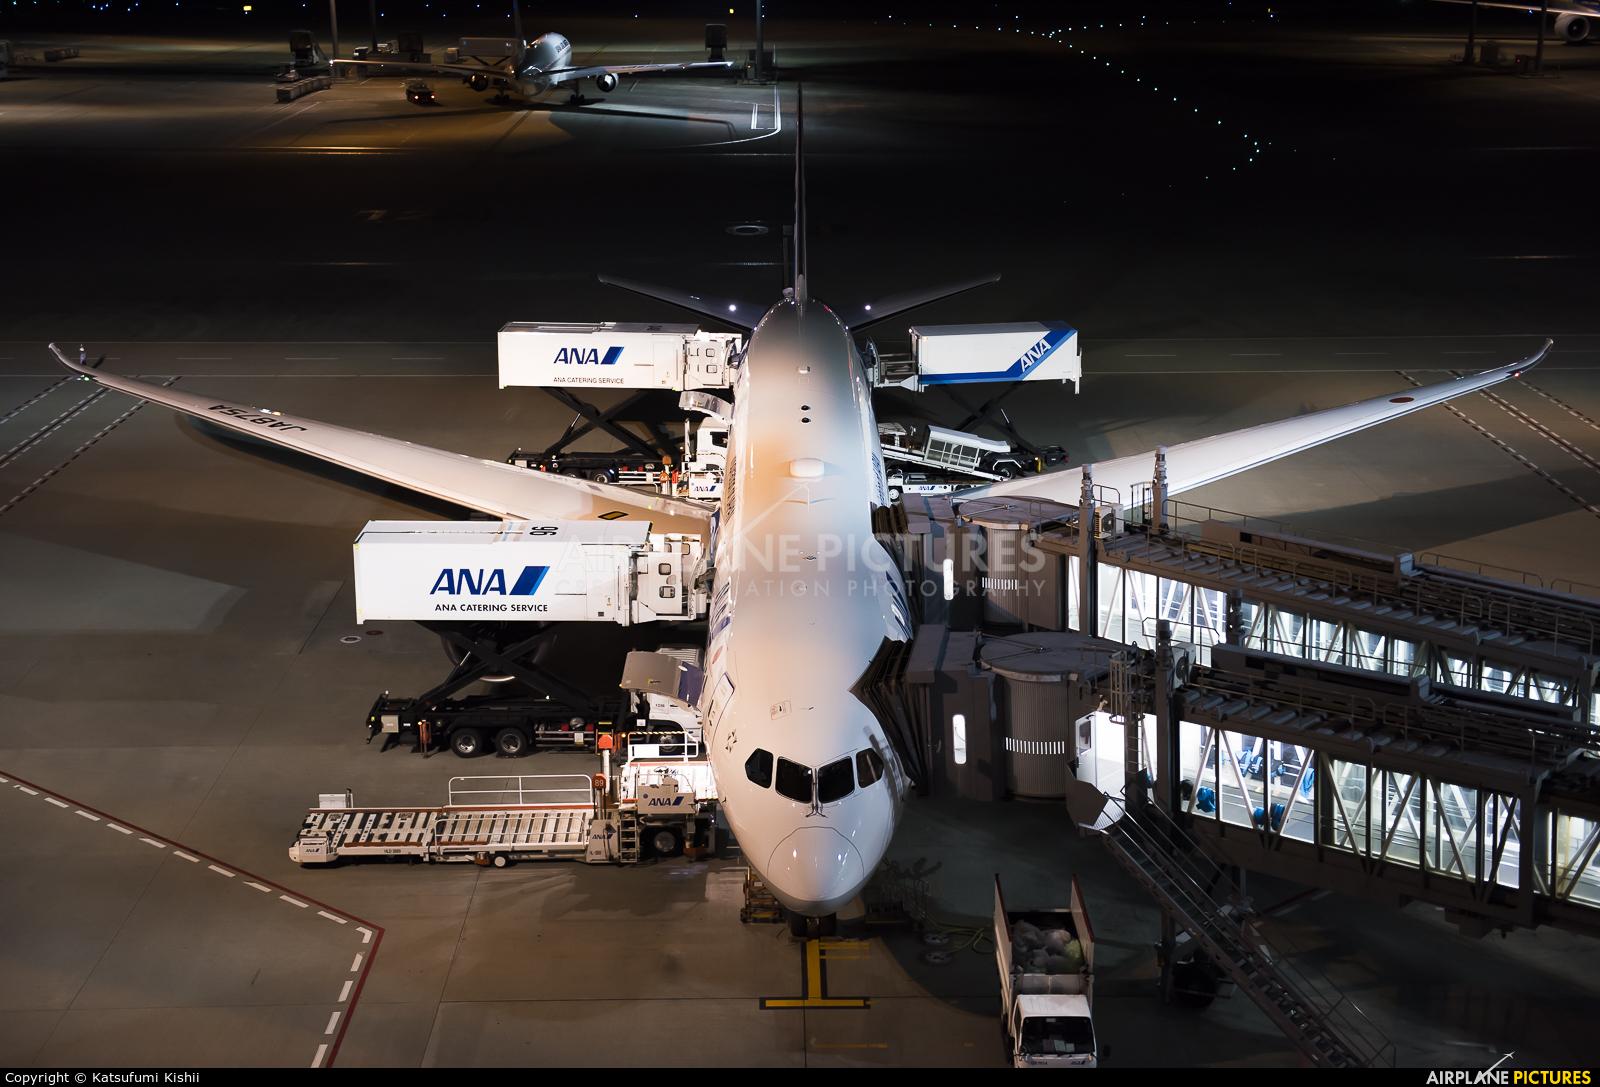 ANA - All Nippon Airways JA875A aircraft at Tokyo - Haneda Intl